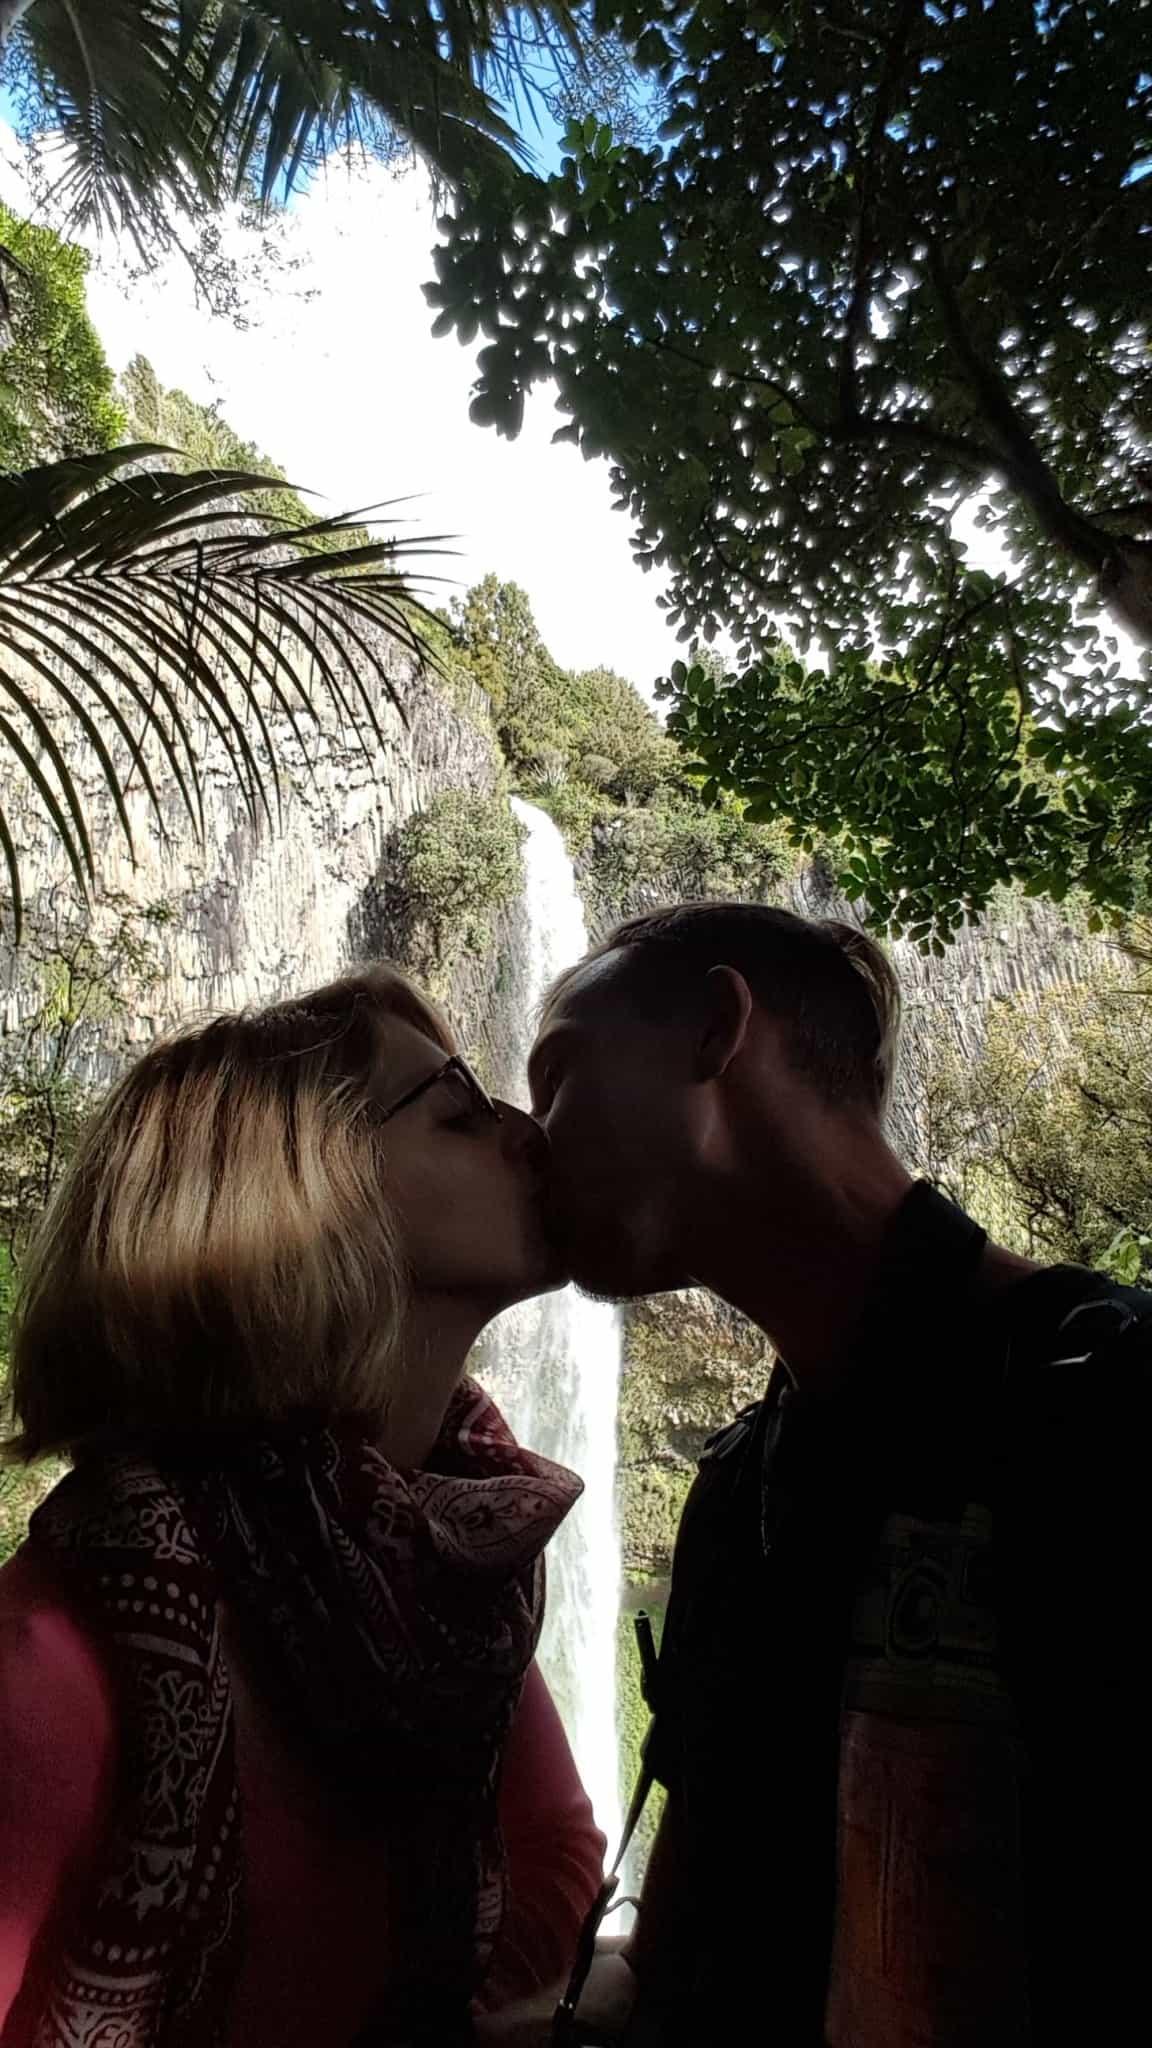 Nouvelle-Zélande, la magnifique cascade de Bridal Veil Falls 💧 14